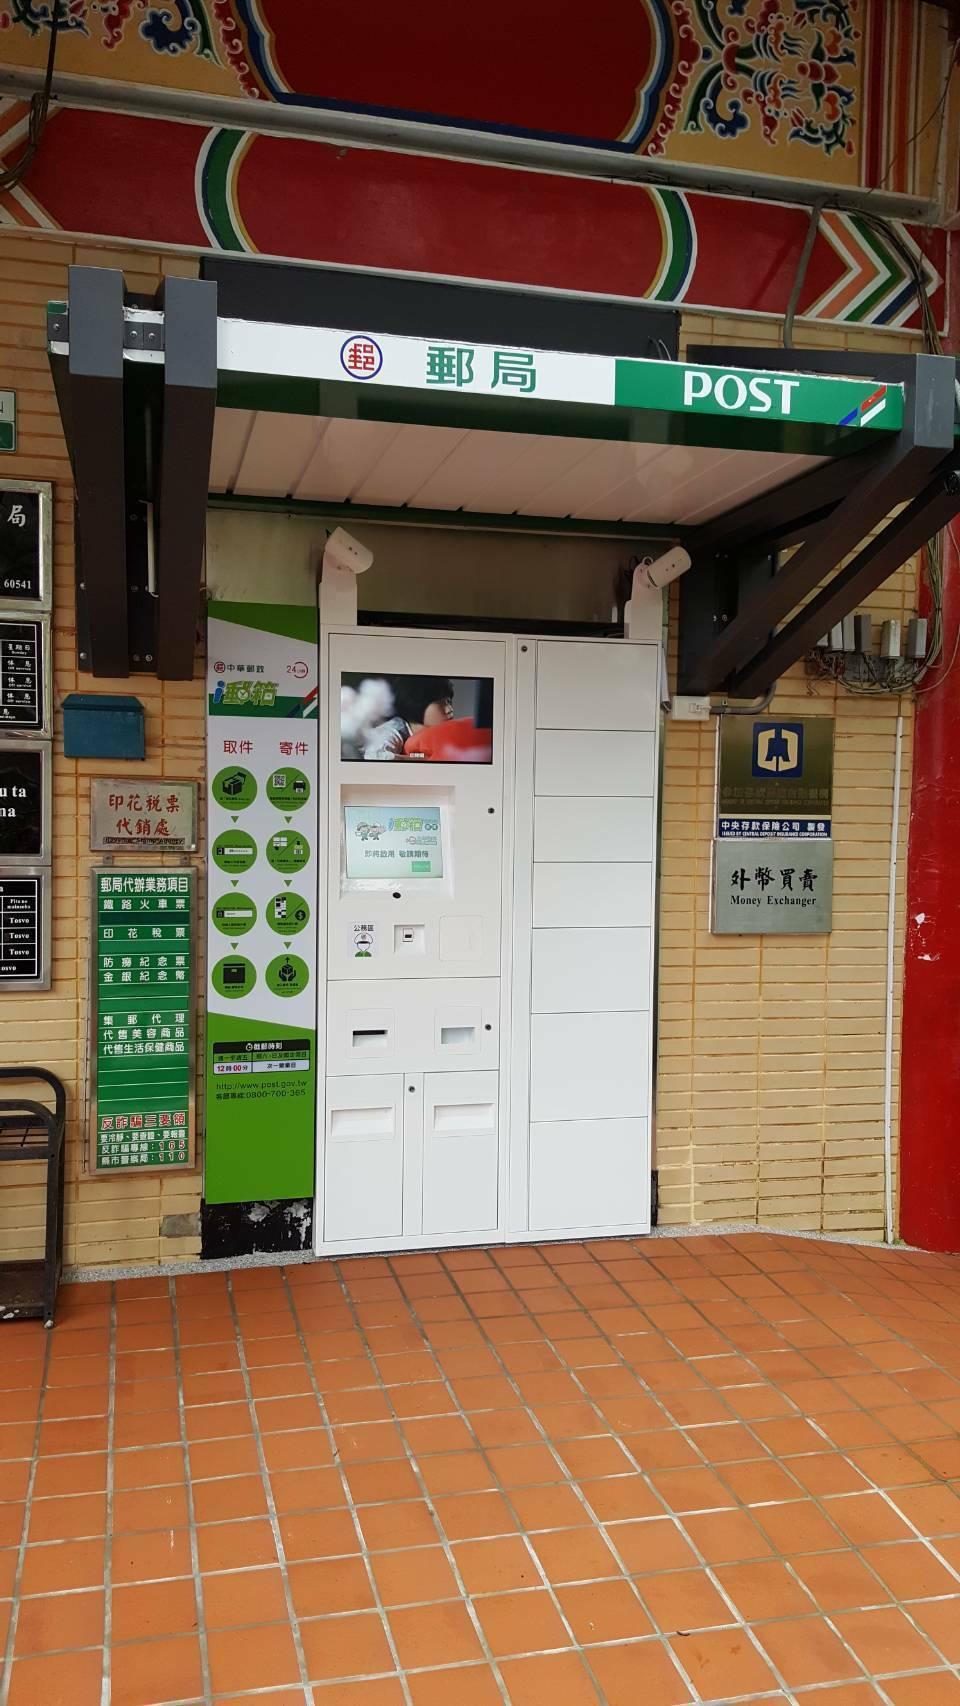 中華郵政在阿里山郵局啟用i郵箱。圖/嘉義郵局提供